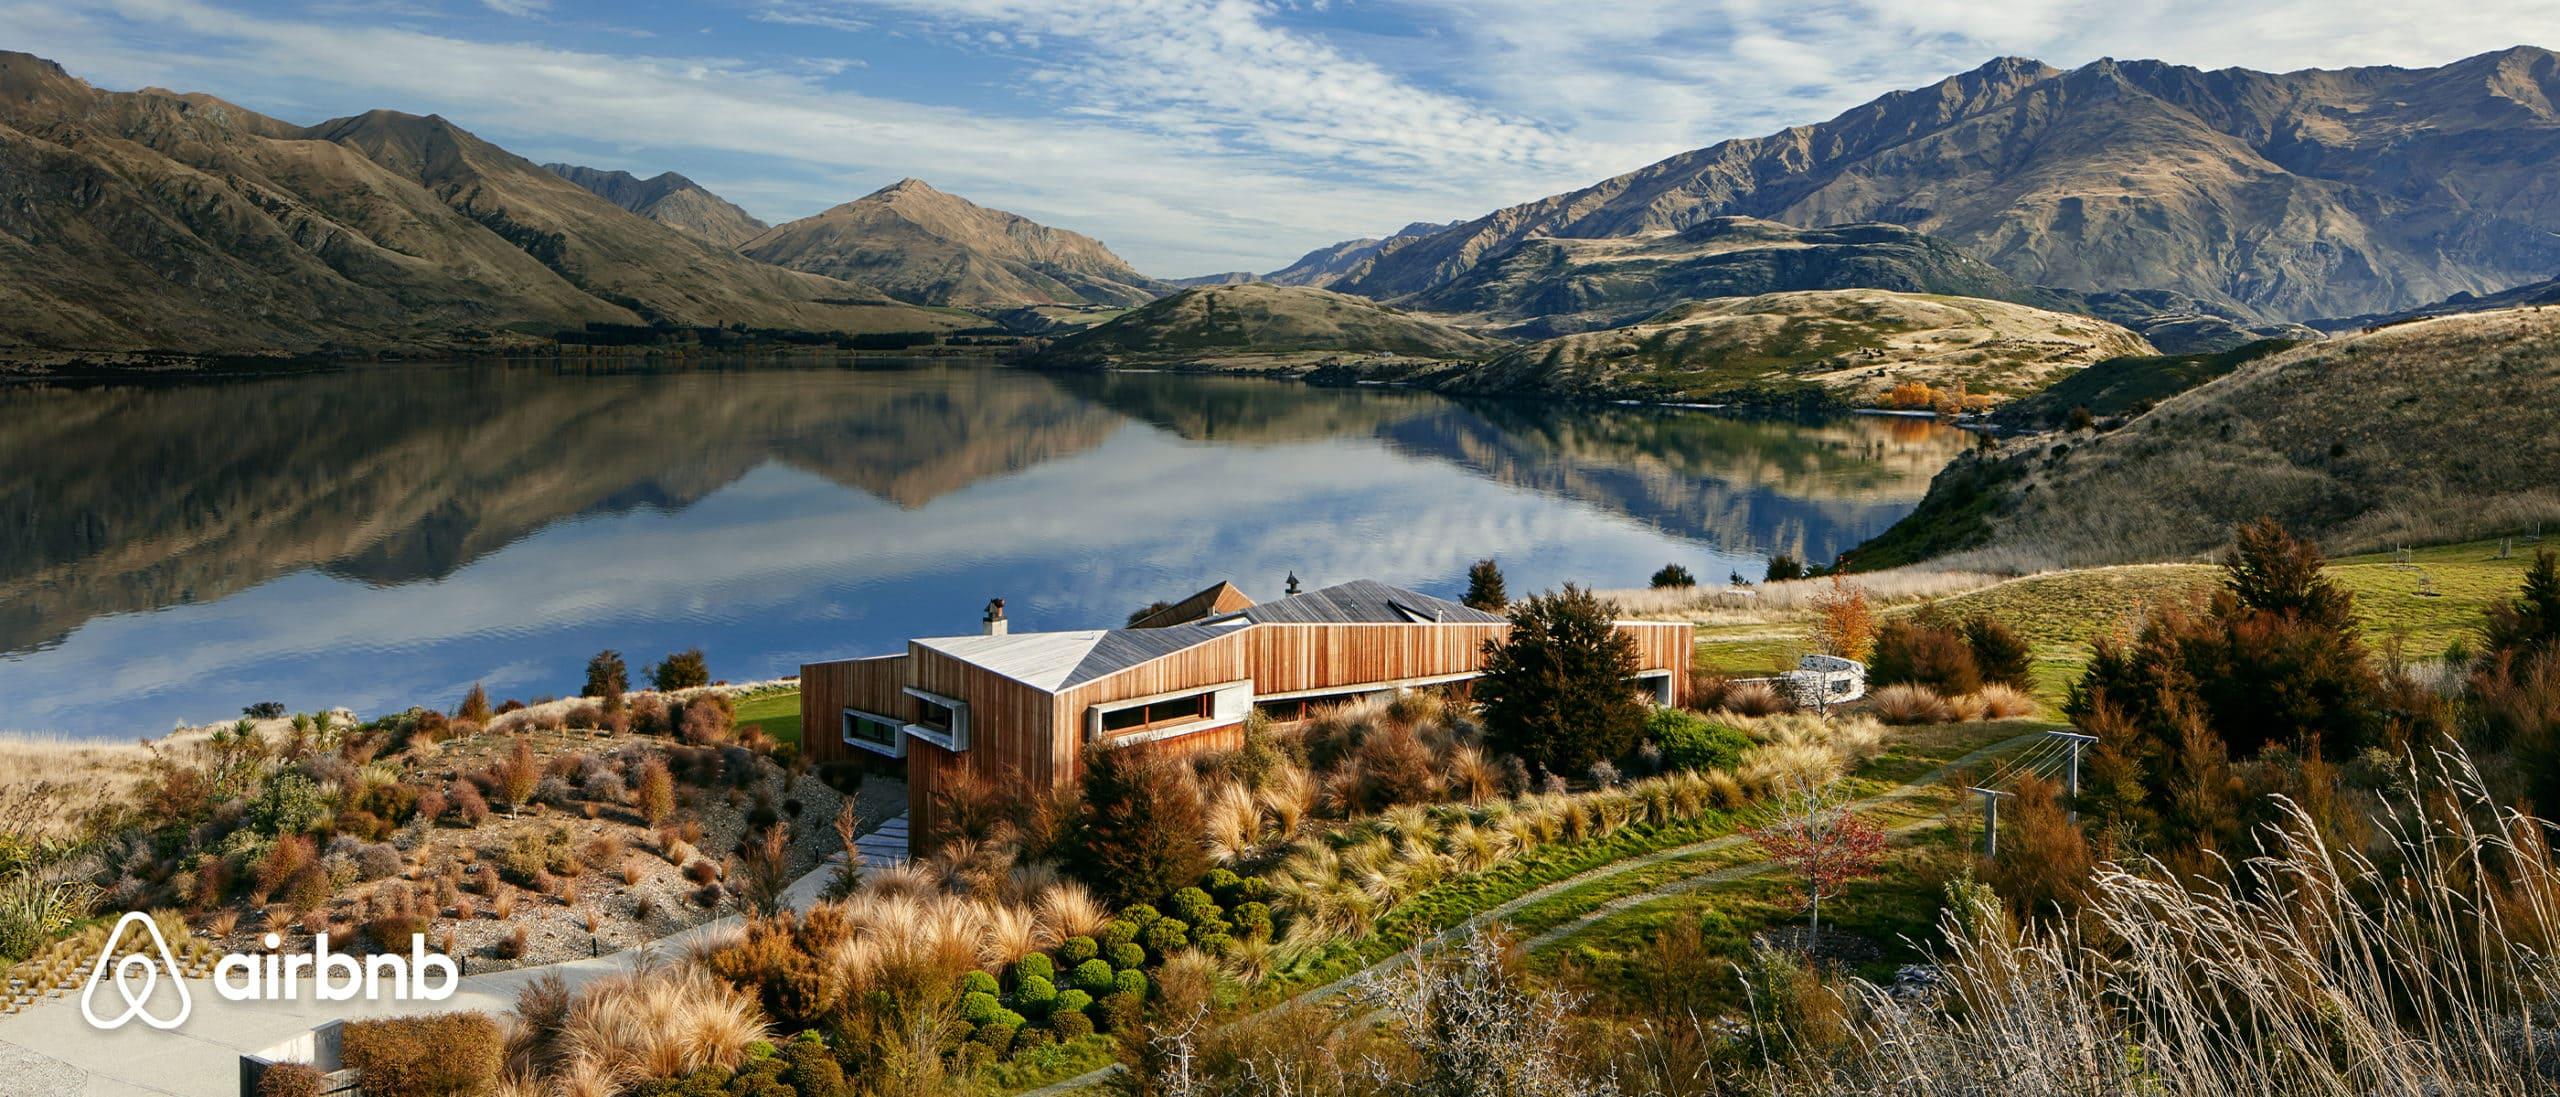 AirBnB overlooking lake in Wanaka NZ